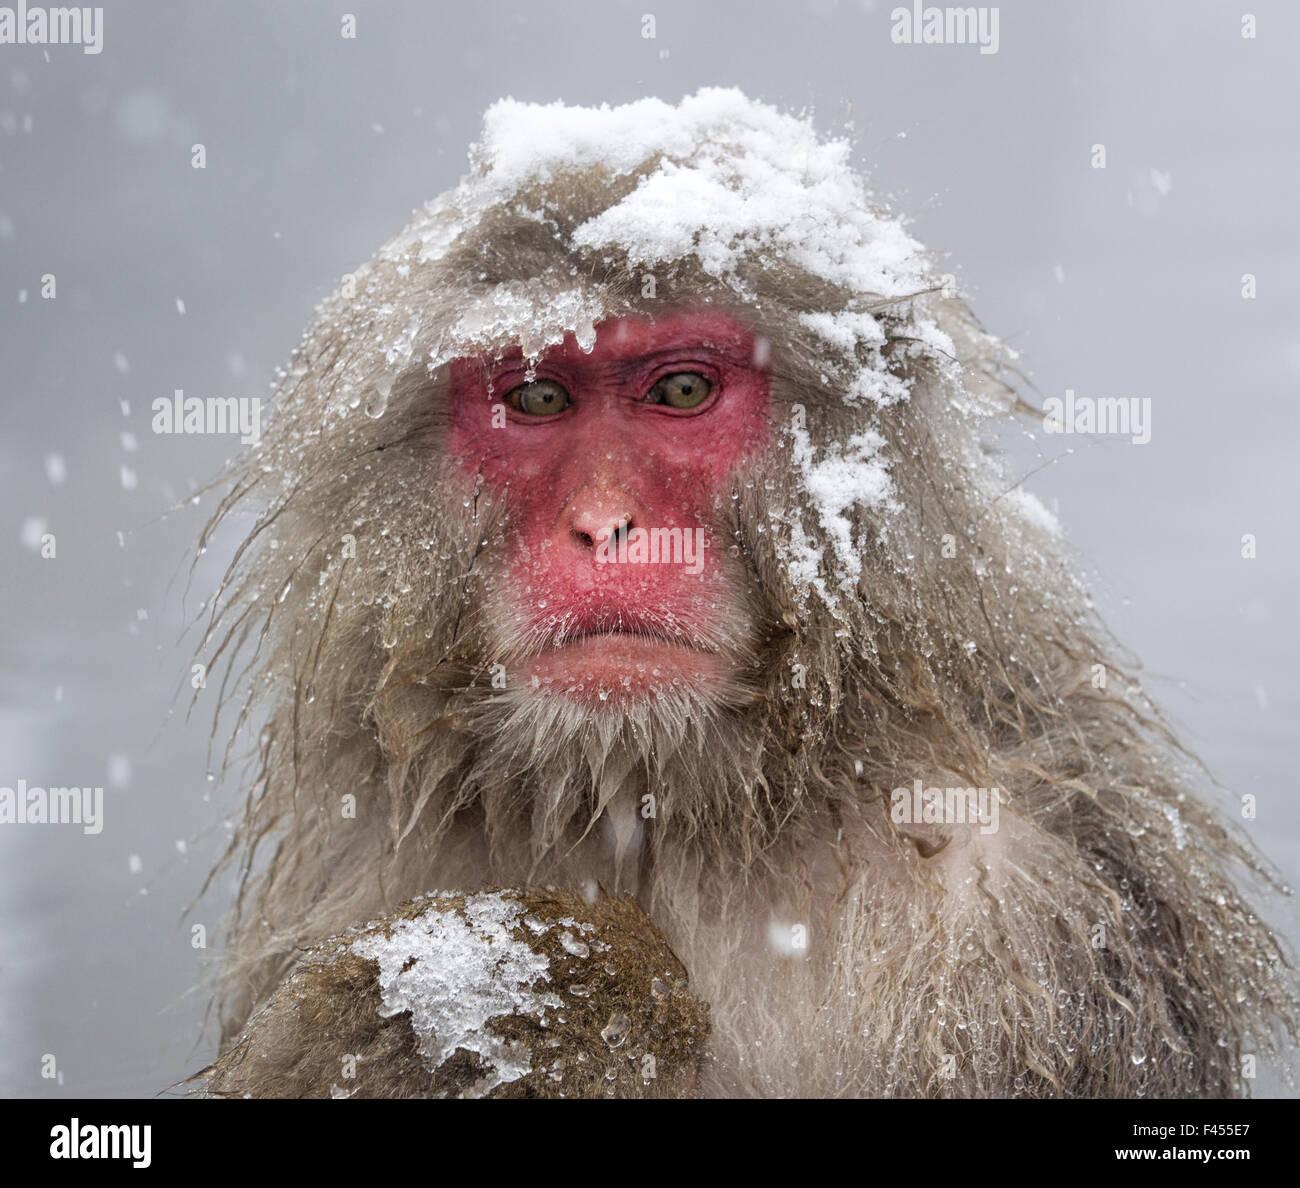 El macaco japonés (Macaca fuscata) madre sosteniendo a su bebé en la tormenta de nieve, Jigokudani, Japón. Imagen De Stock